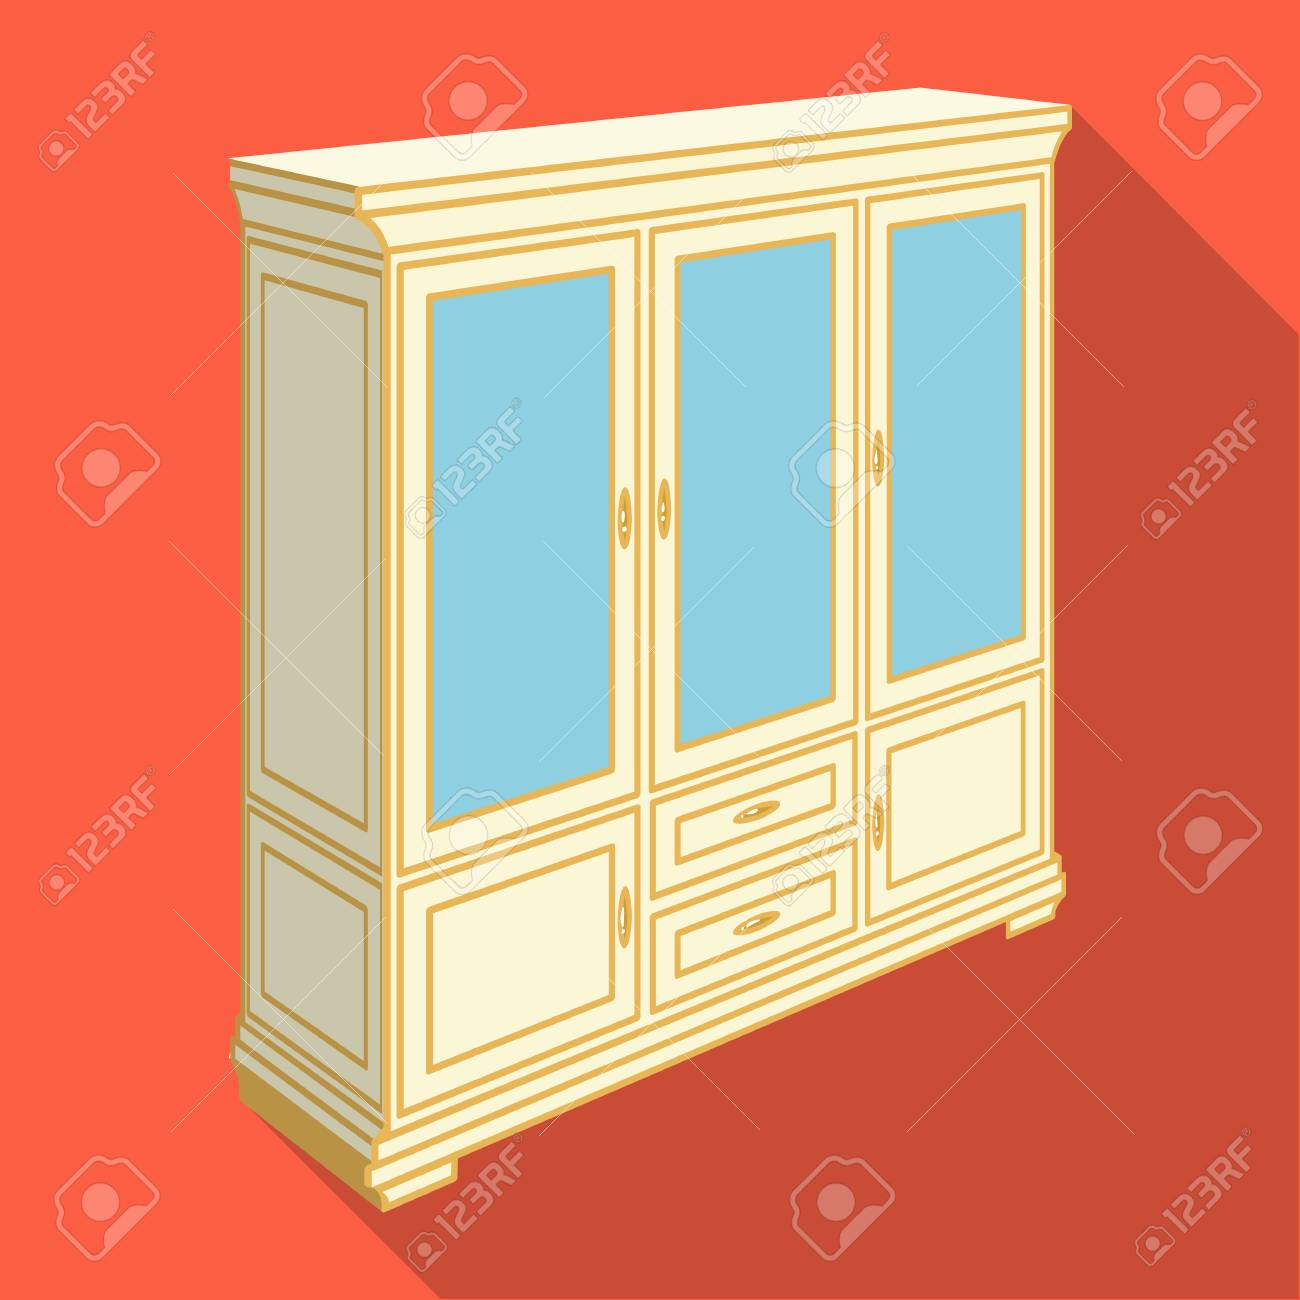 Kast Met Glazen Deuren En Laden Meubels En Interieur één Pictogram In Vlakke Stijl Vector Isometrische Symbool Stock Illustratie